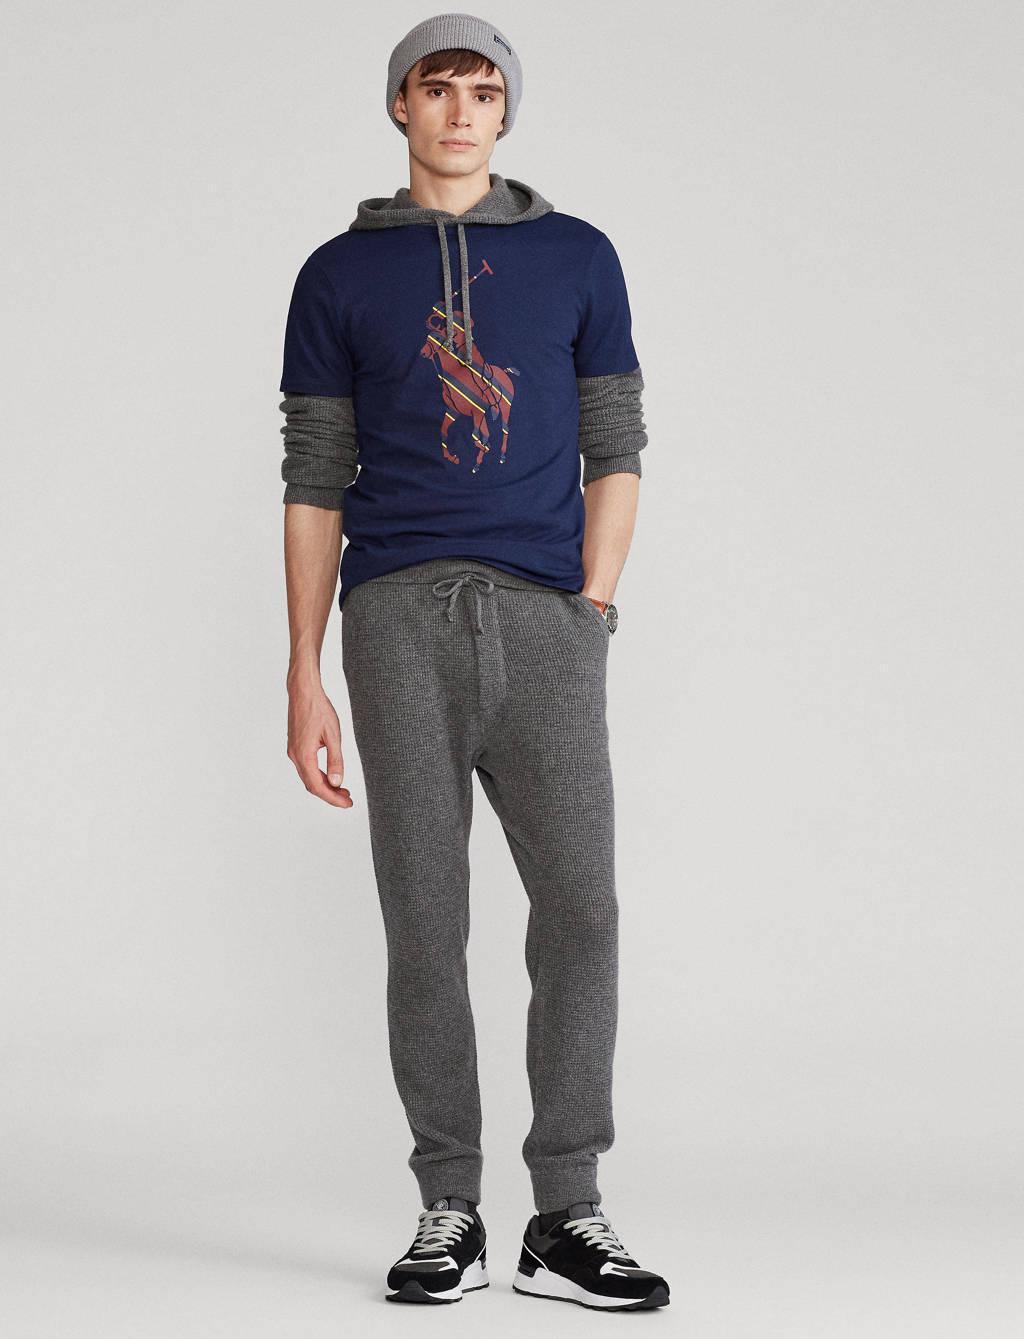 POLO Ralph Lauren T-shirt met printopdruk blauw, Blauw